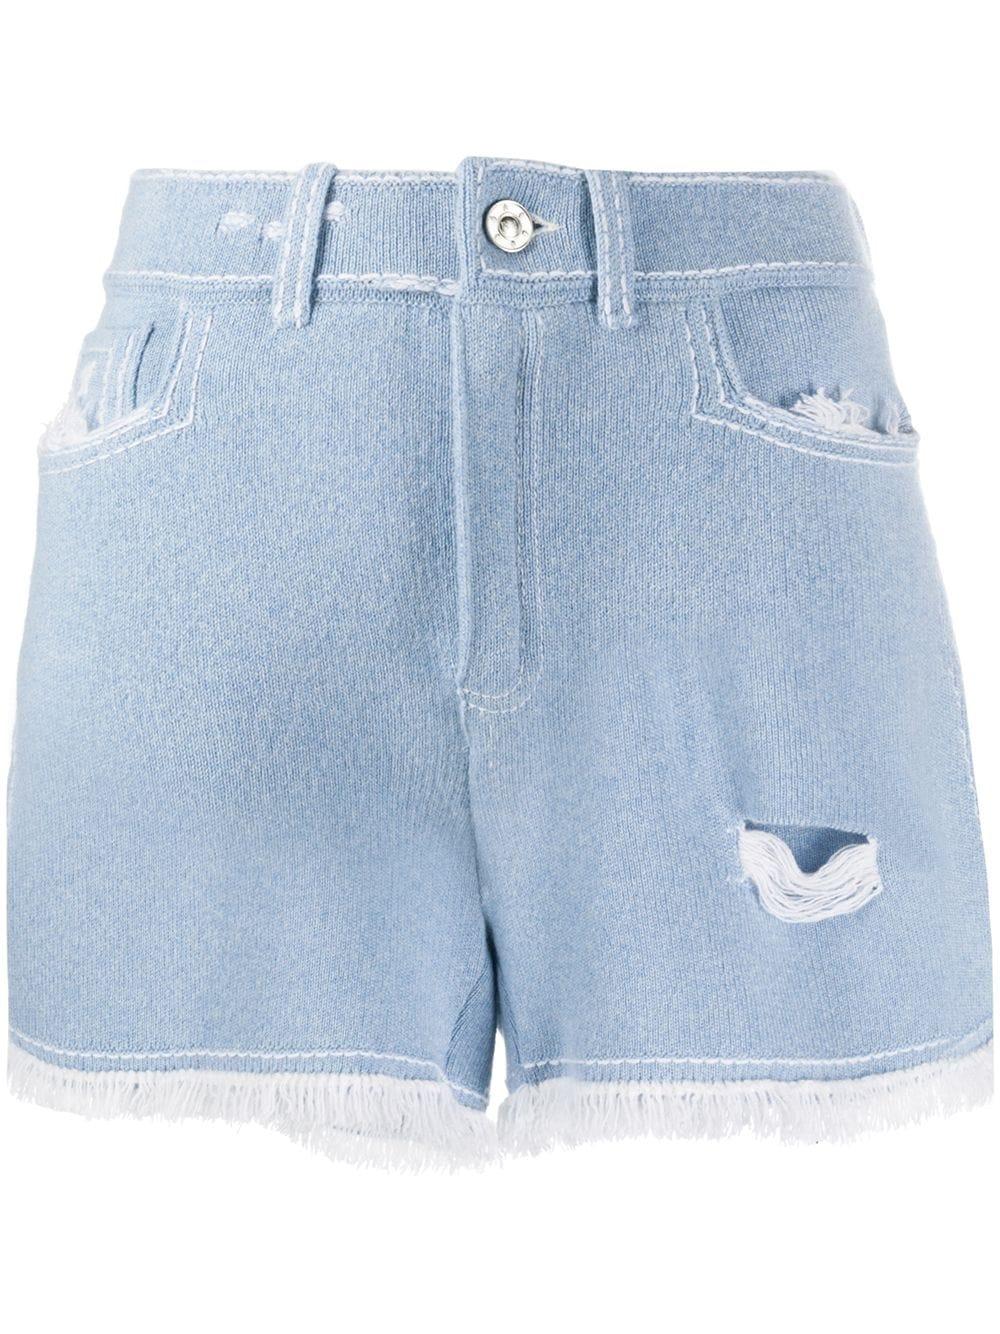 Barrie Shorts mit ausgefranstem Saum - Blau